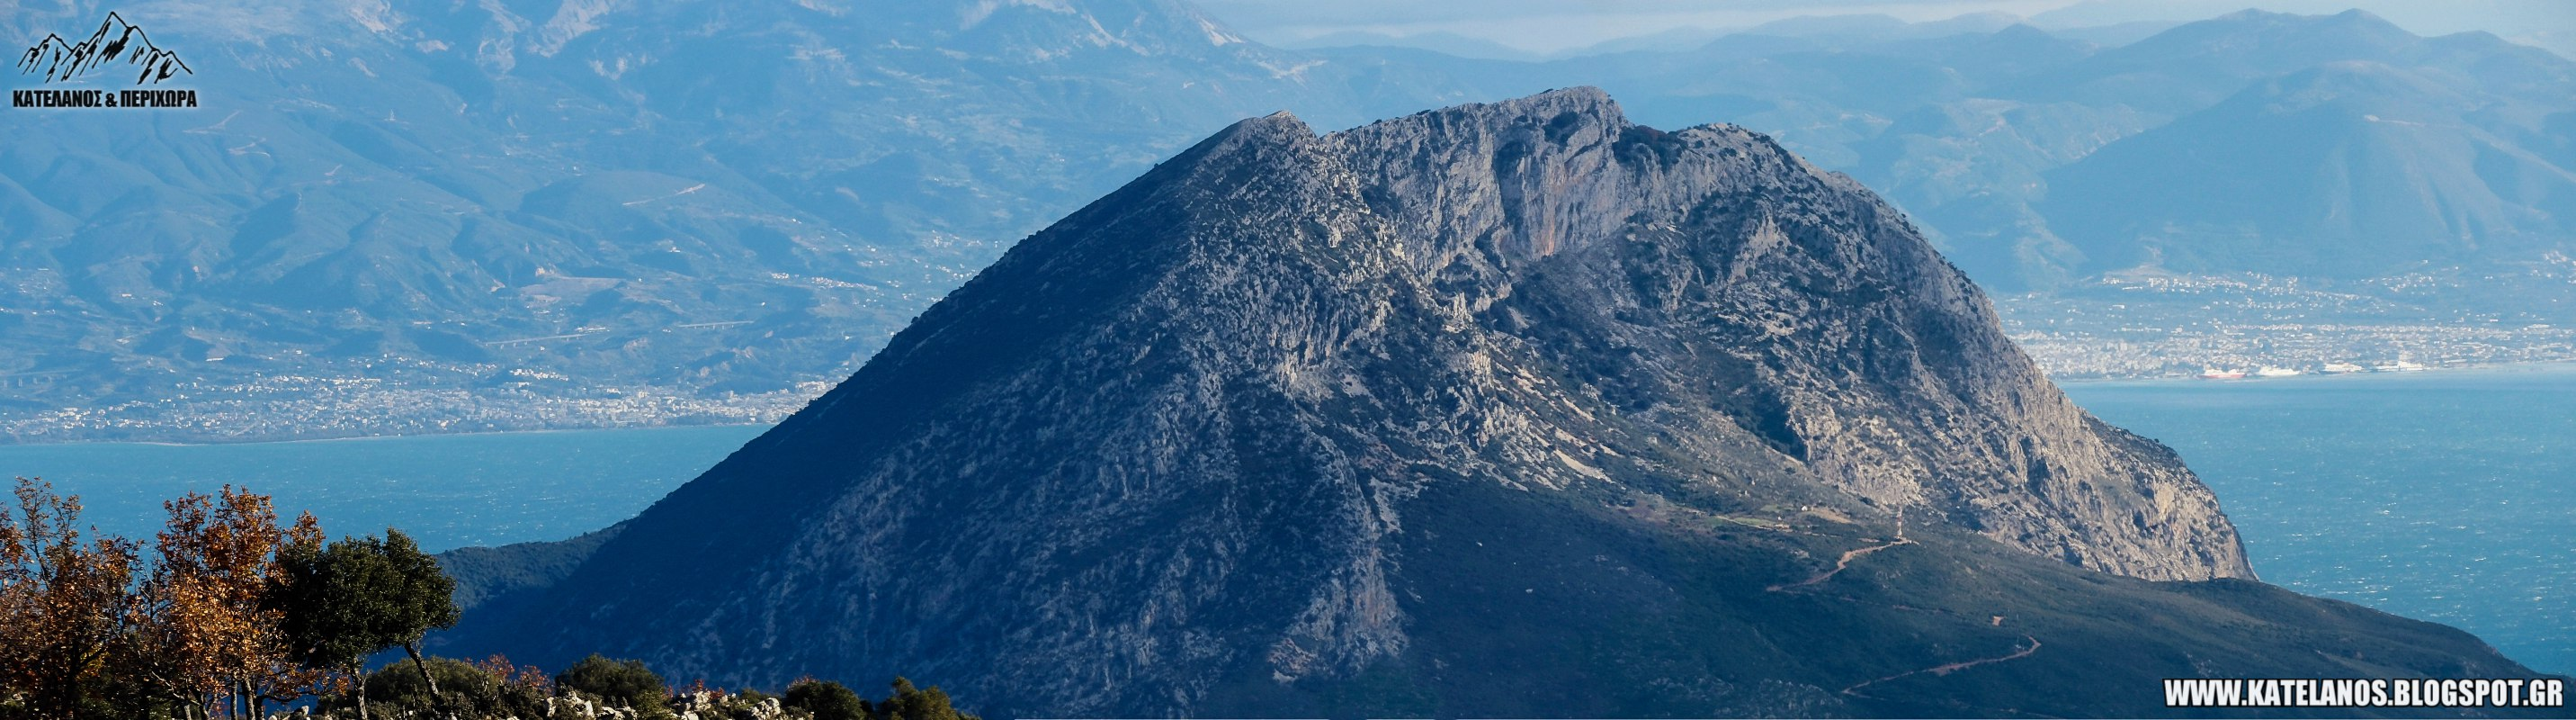 ορος βαράσοβα βουνό πάτρα